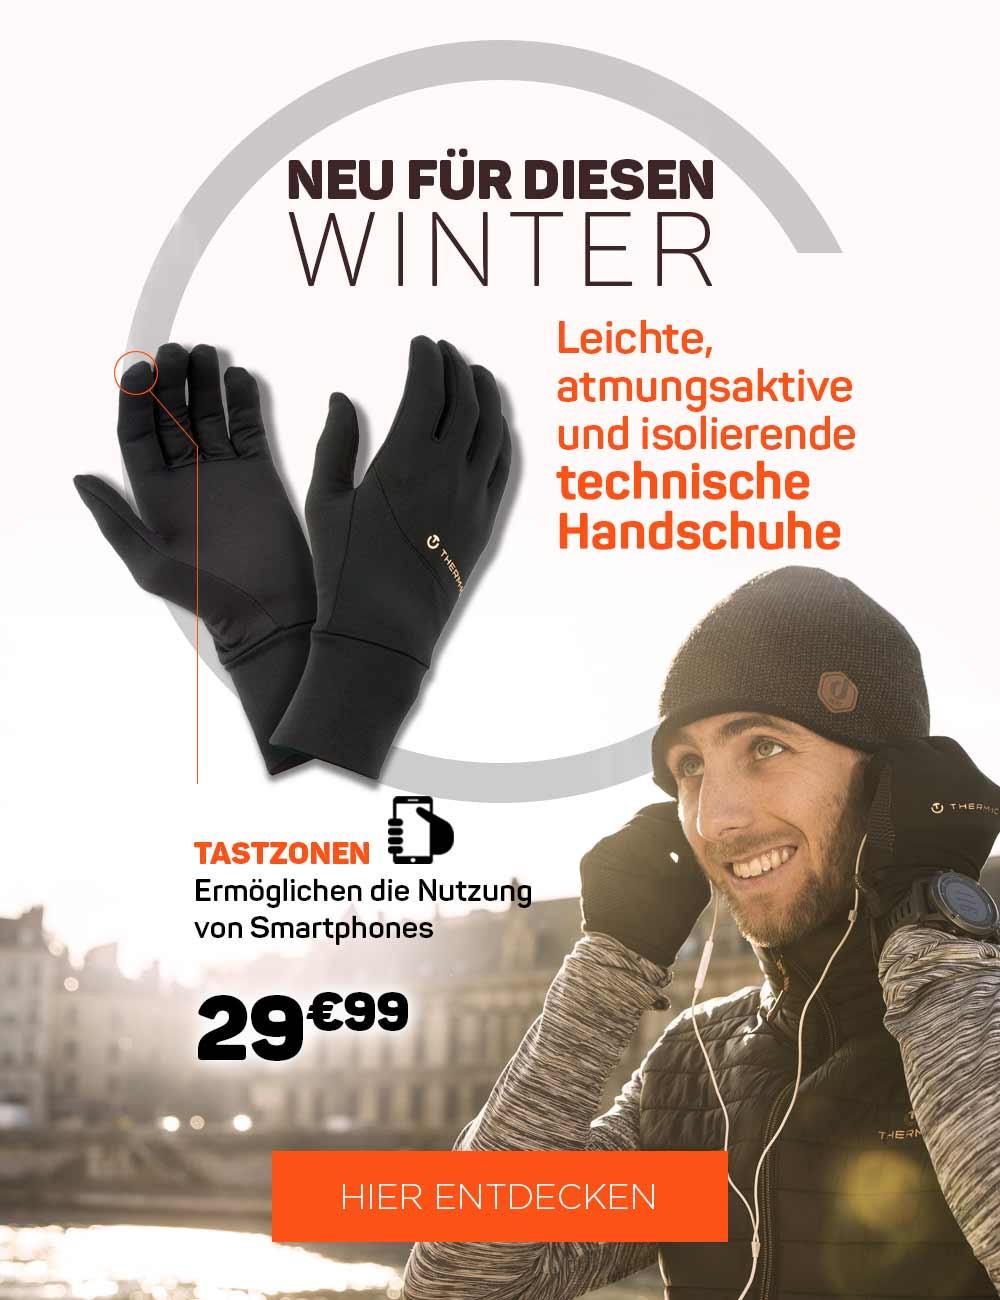 Leichte, atmungsaktive und isolierende technische Handschuhe